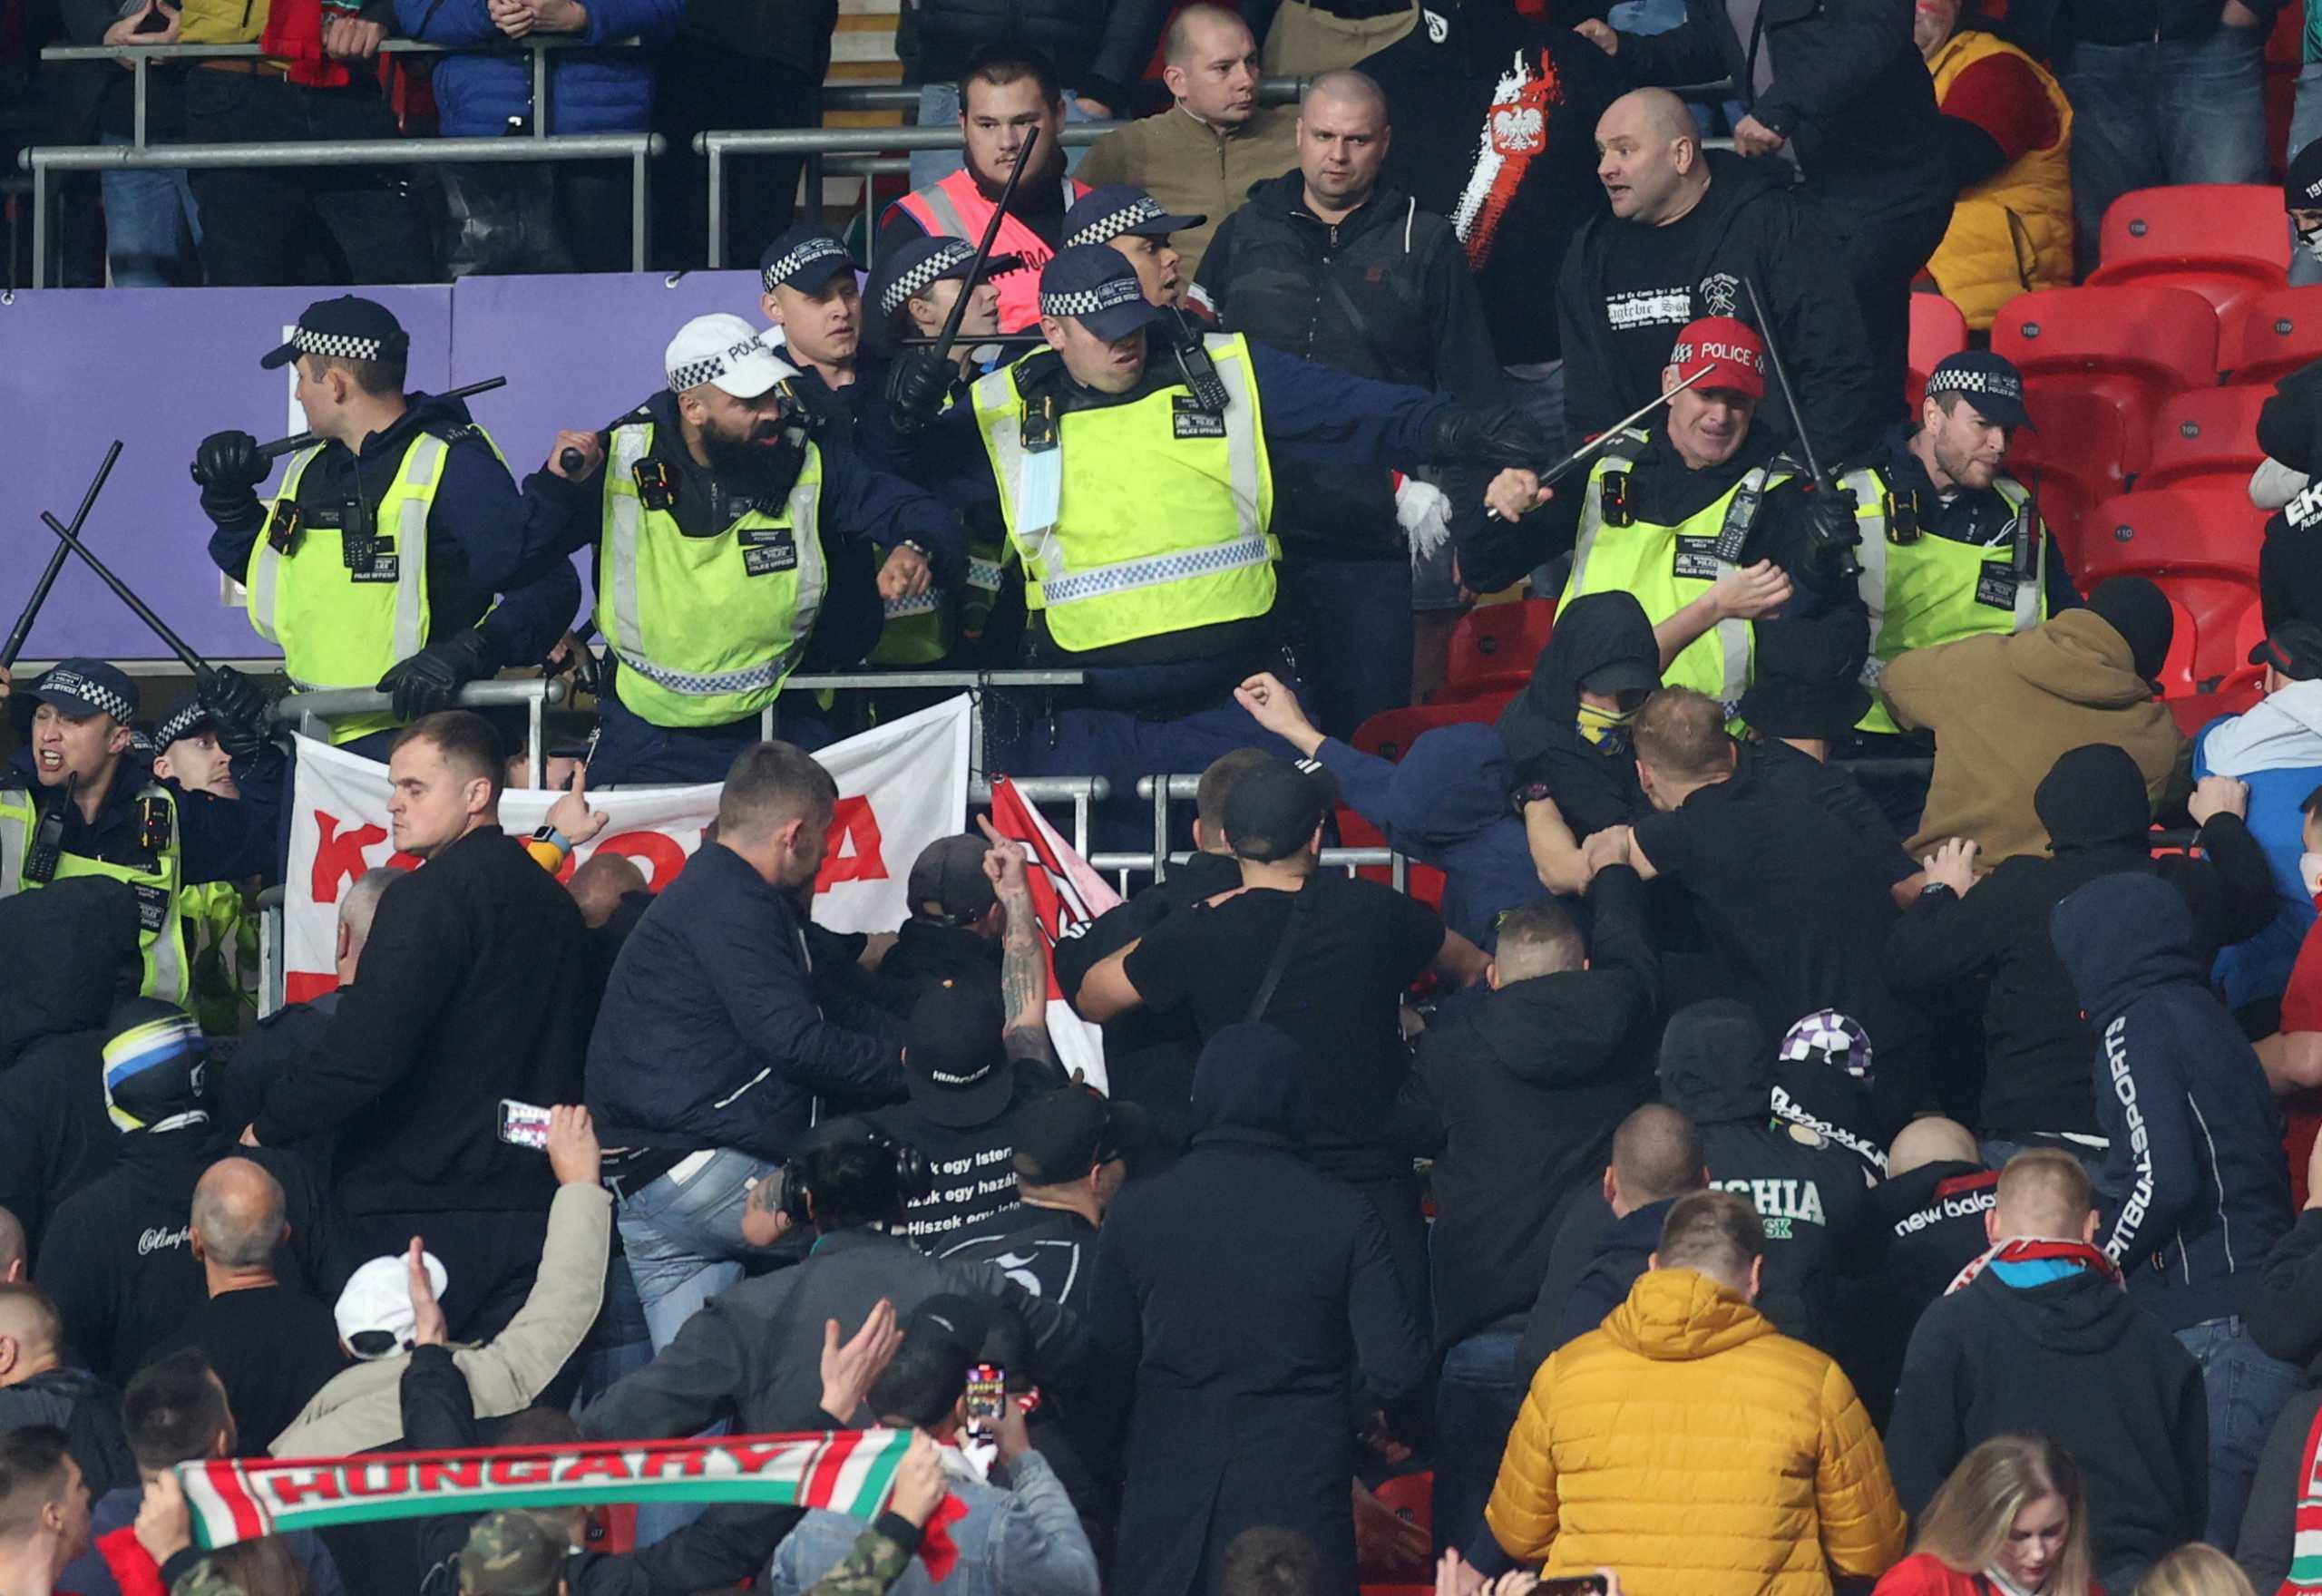 Προκριματικά Μουντιάλ 2022: Σοβαρά επεισόδια με οπαδούς στα Αγγλία – Ουγγαρία και Αλβανία – Πολωνία